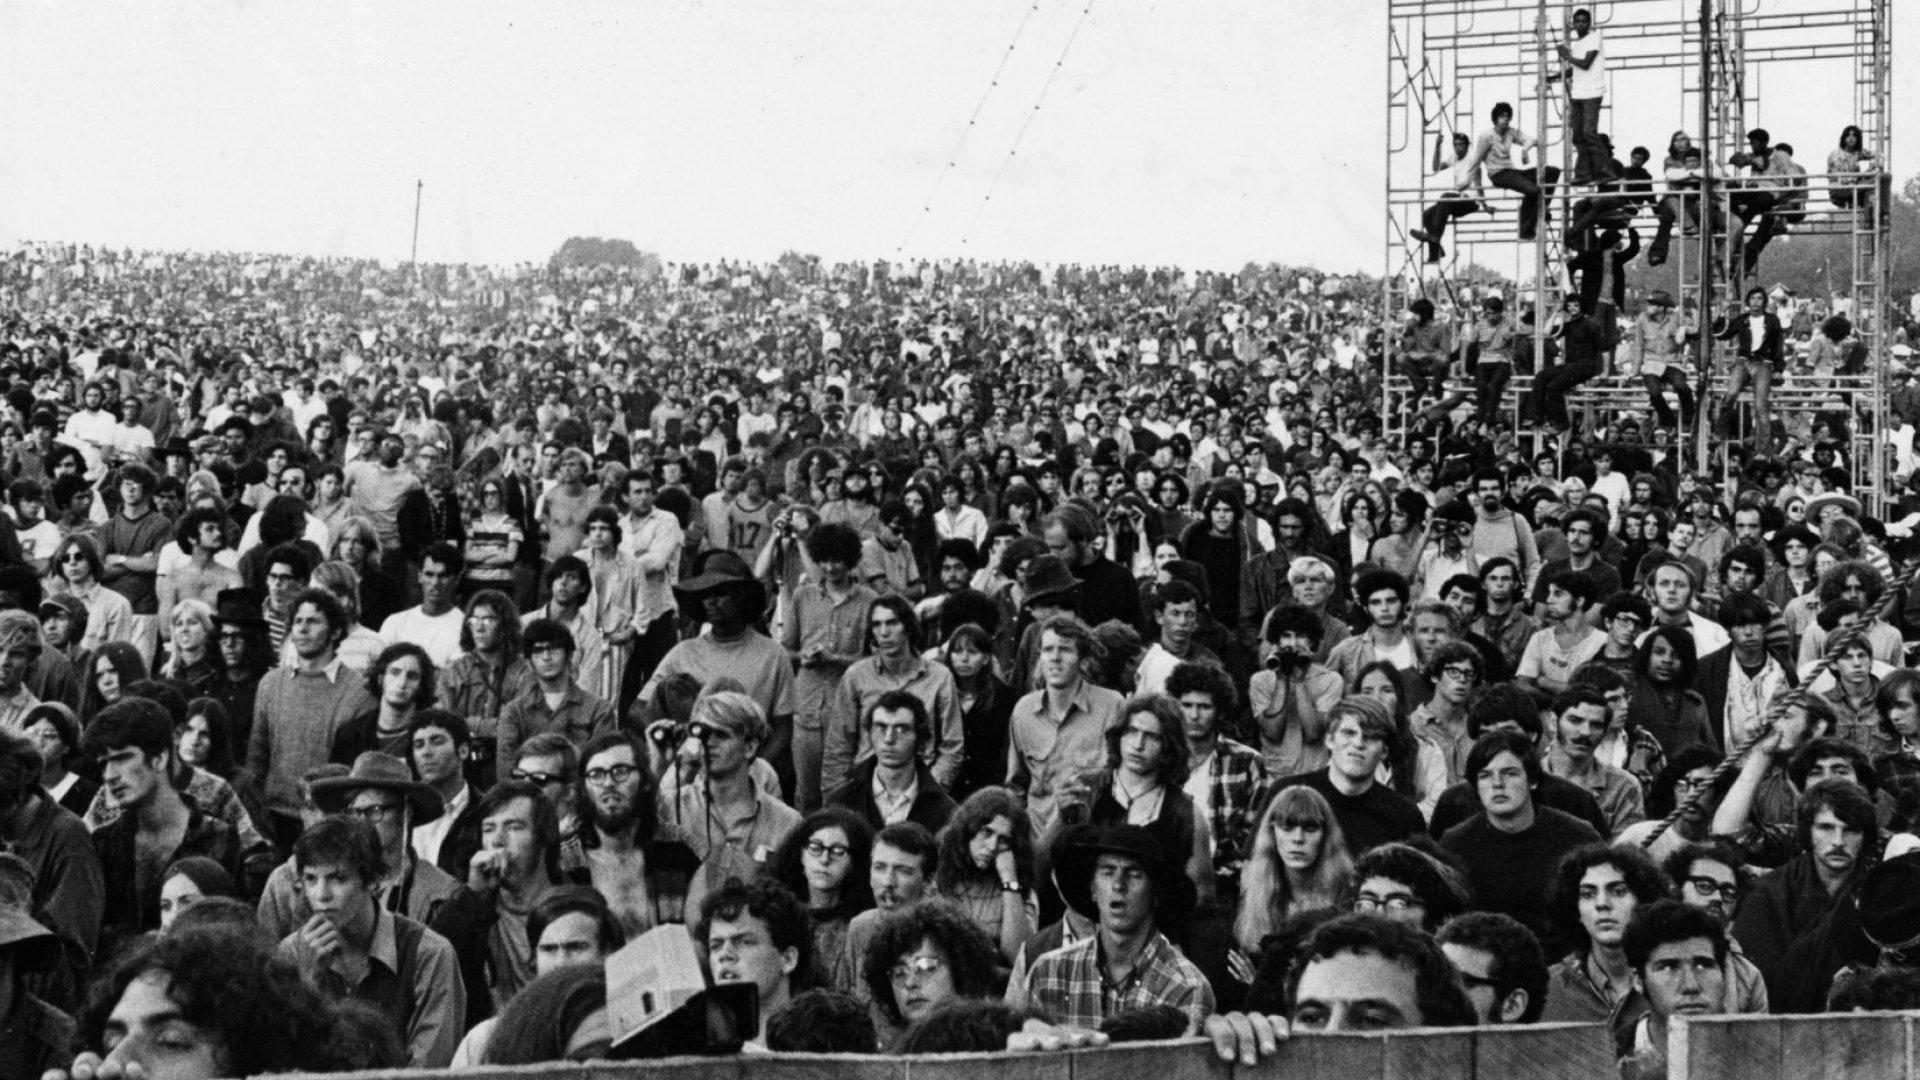 Yasgur's farm, August 17 1969